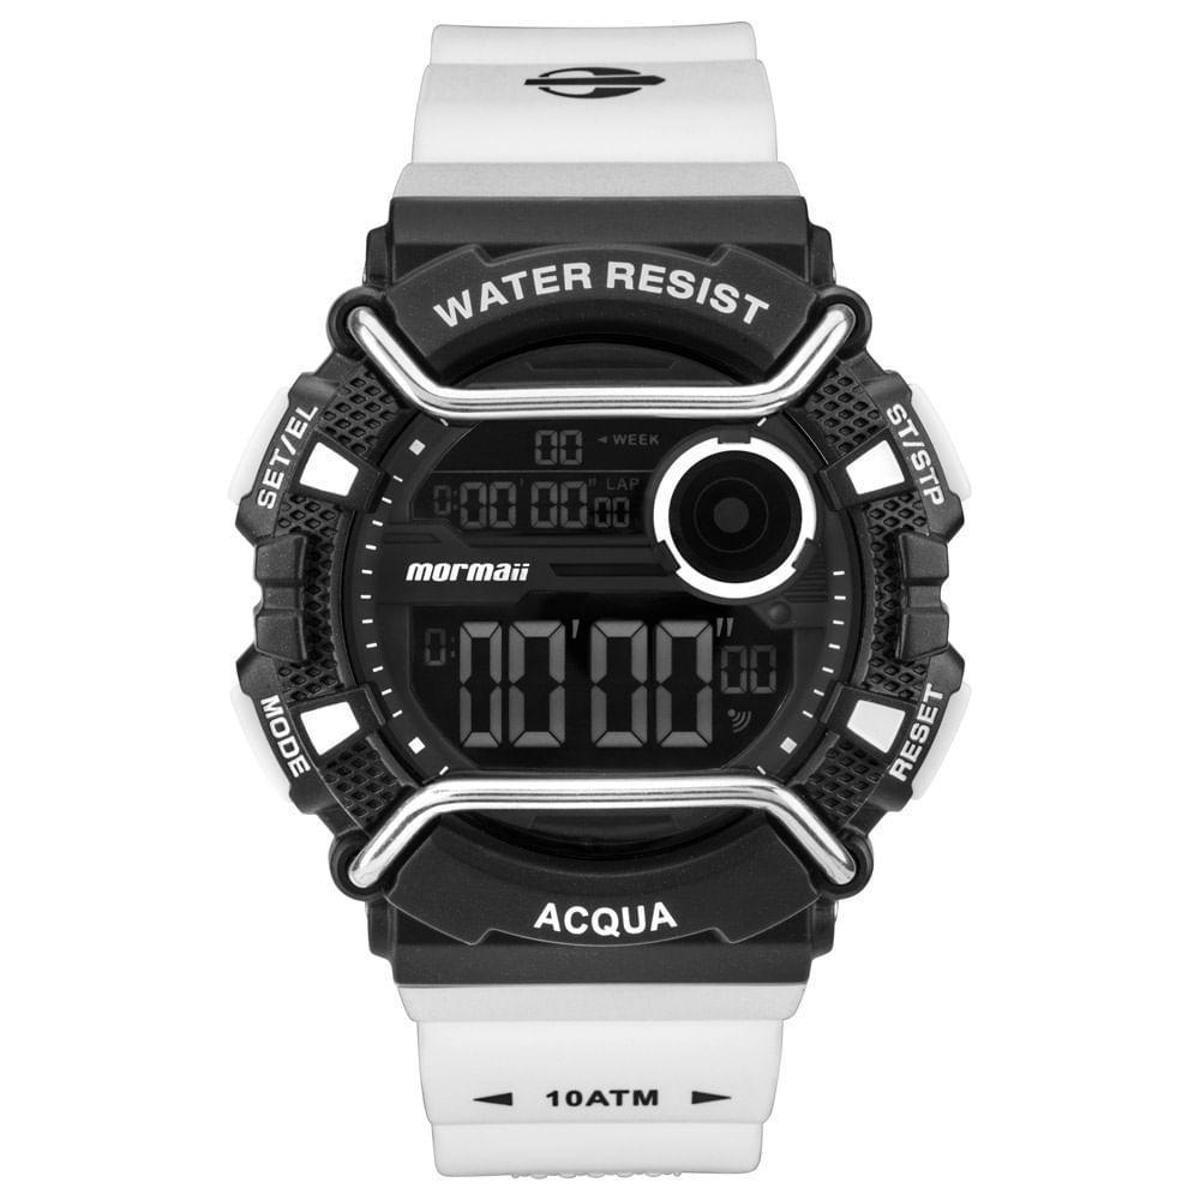 a115d8a0dfb Relógio Masculino Mormaii Acqua Pro Monxa 8P - Branco - Compre Agora ...